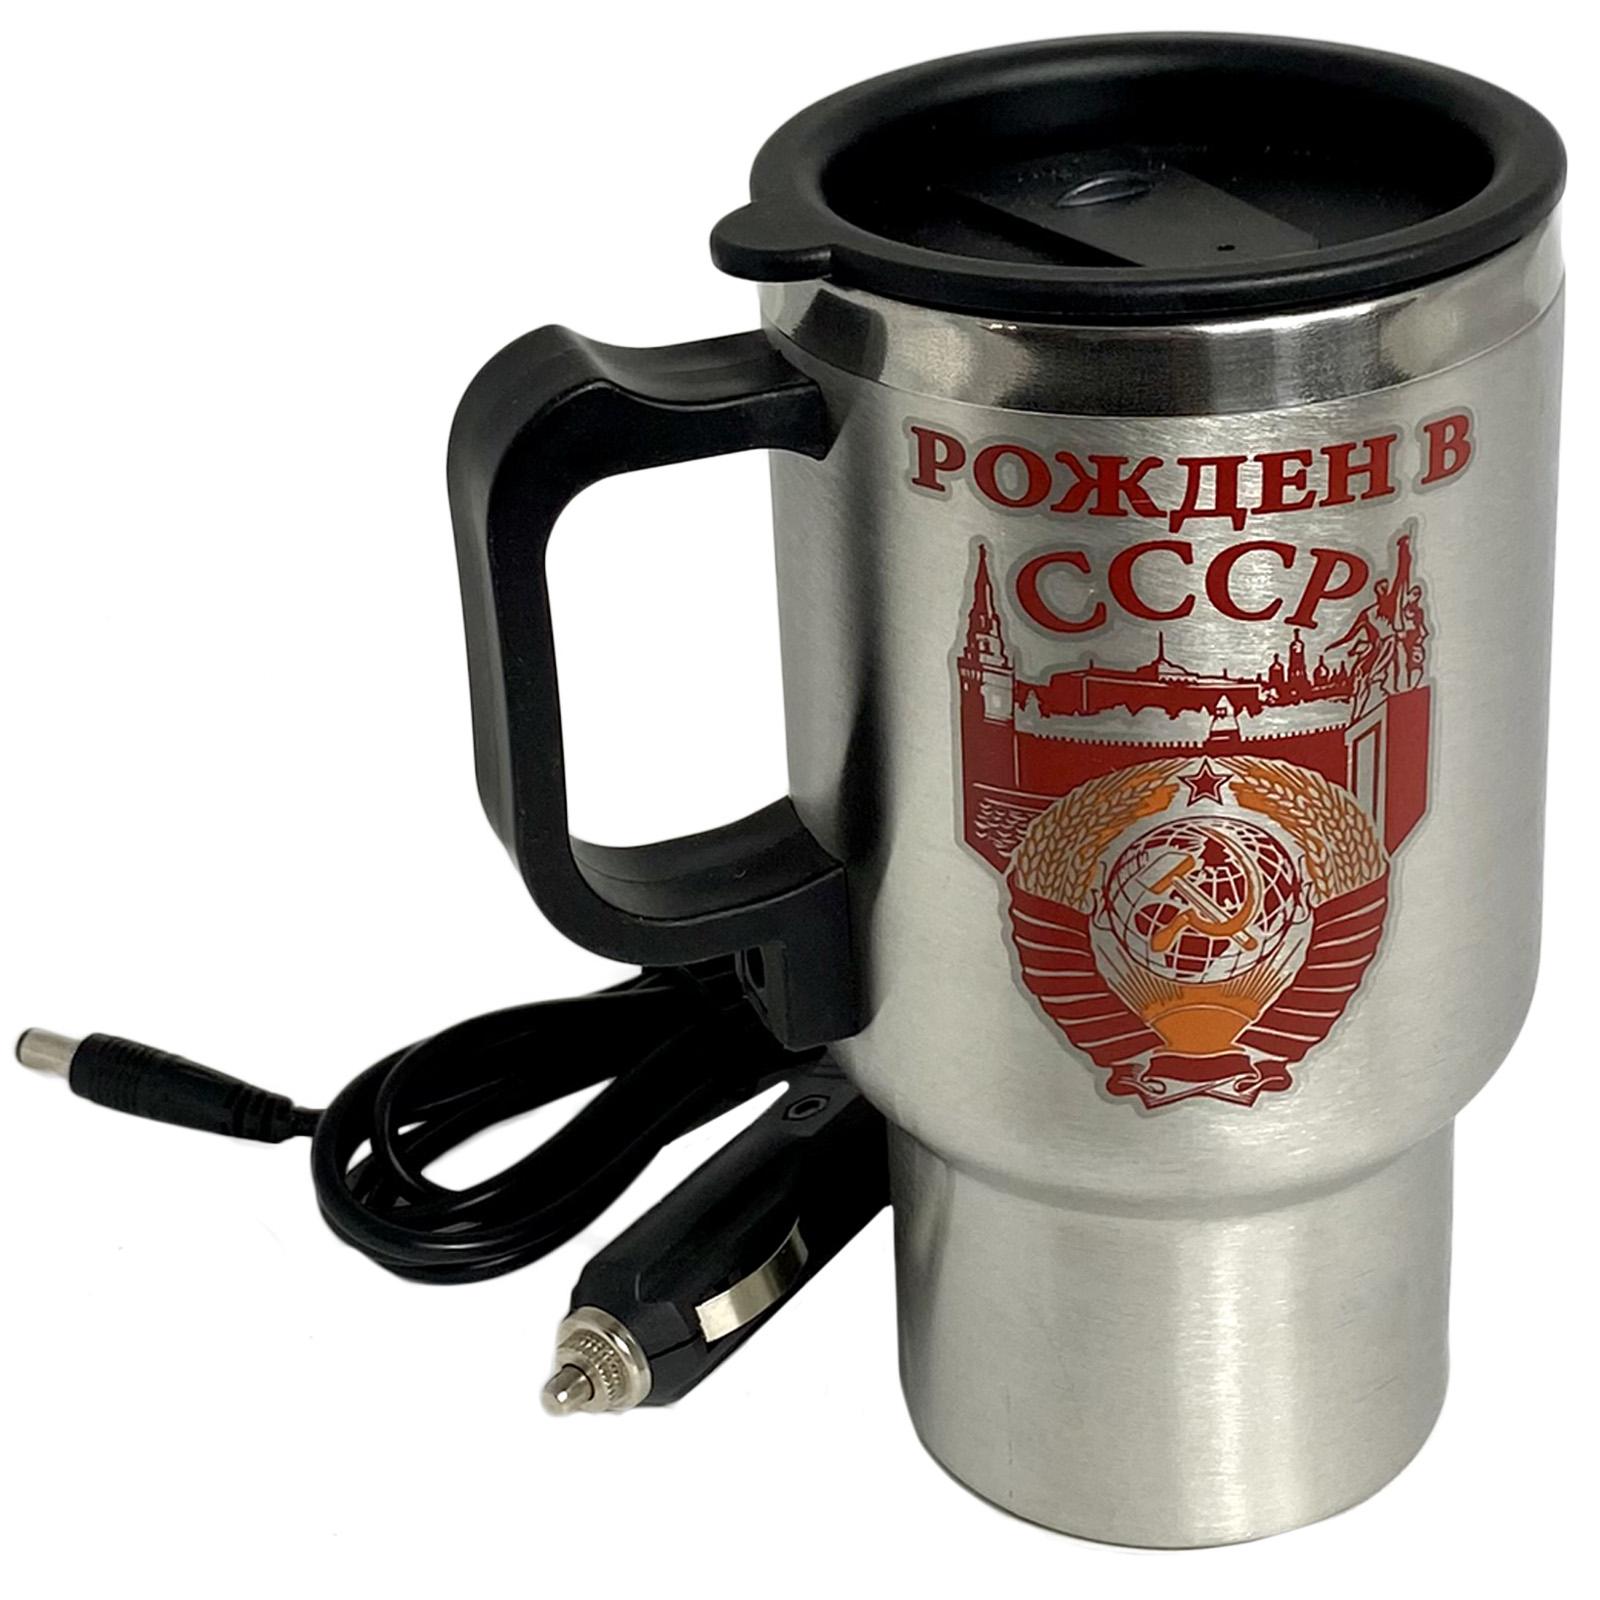 Металлический термостакан с принтом Рождён в СССР